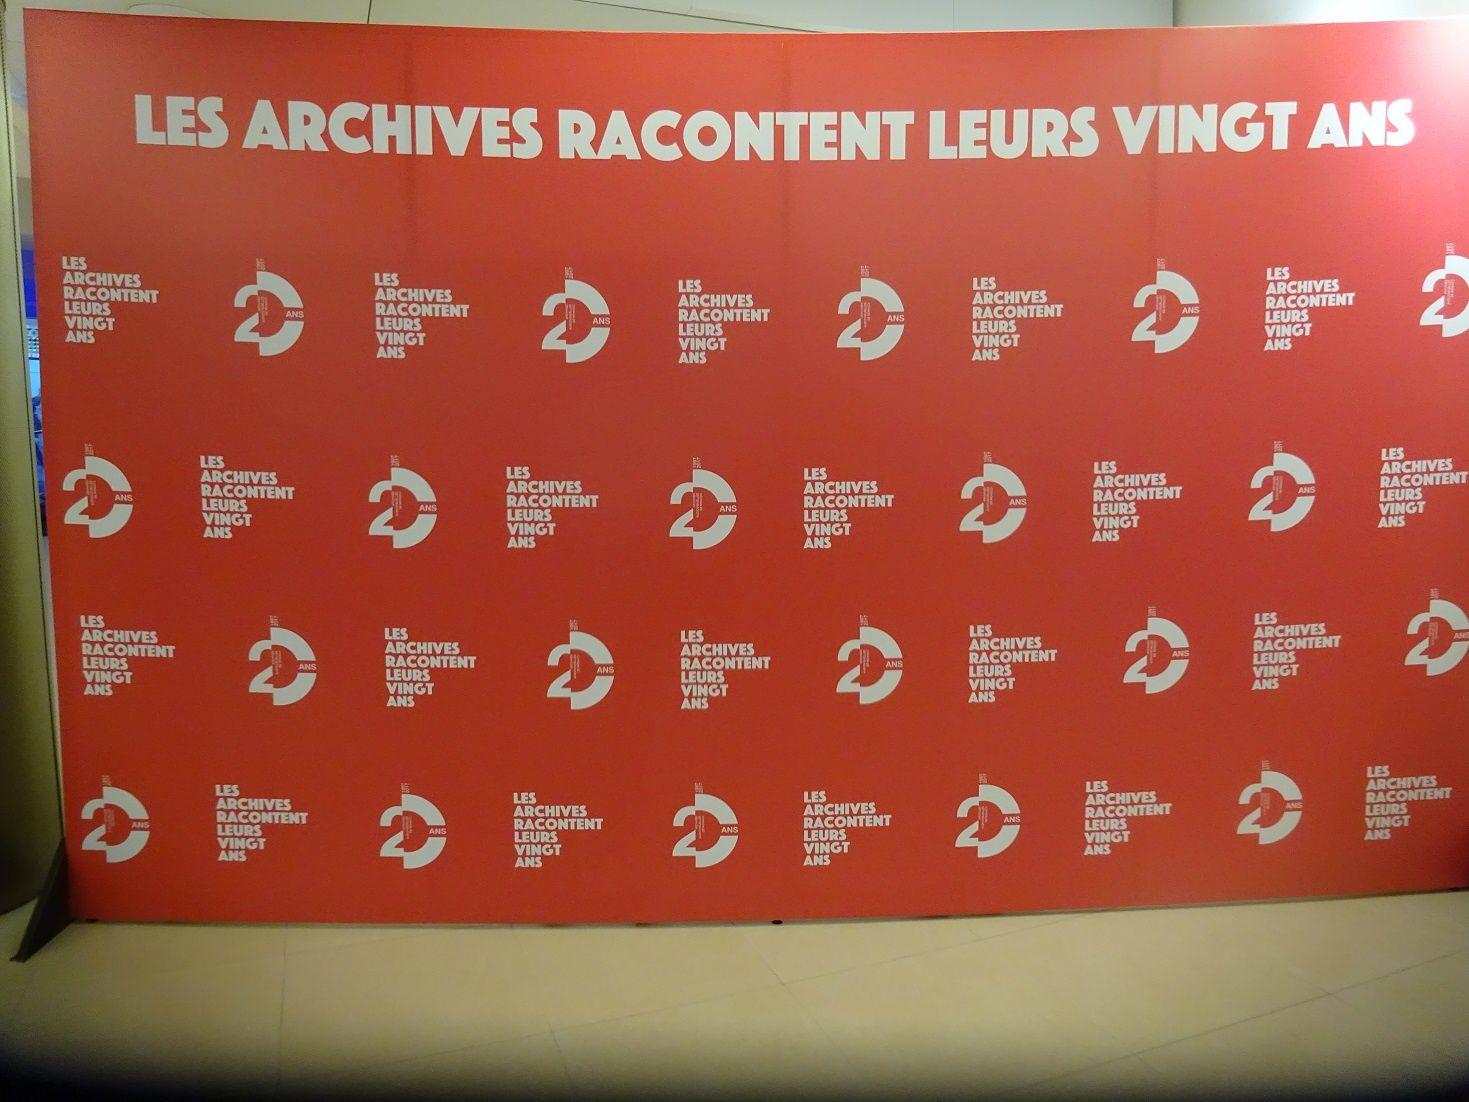 """Archives audiovisuelles de Monaco - """"Les Archives racontent leurs vingt ans"""" ©Théodore Charles/un-culte-d-art.overblog.com"""